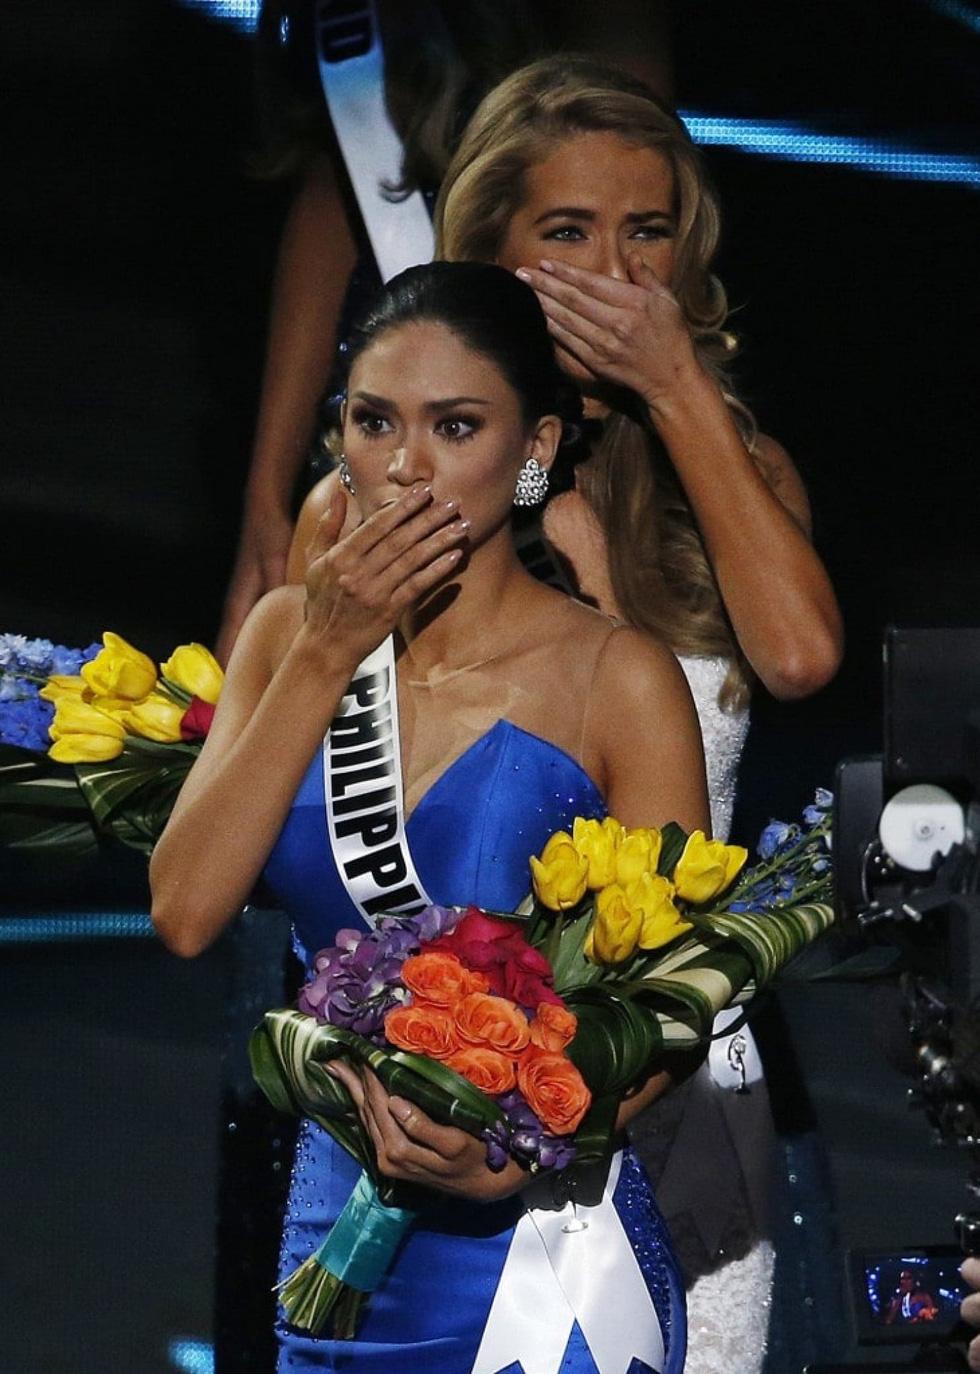 Thí sinh Miss Universe khóc, la thét, há hốc mồm khi là Hoa hậu - Ảnh 4.